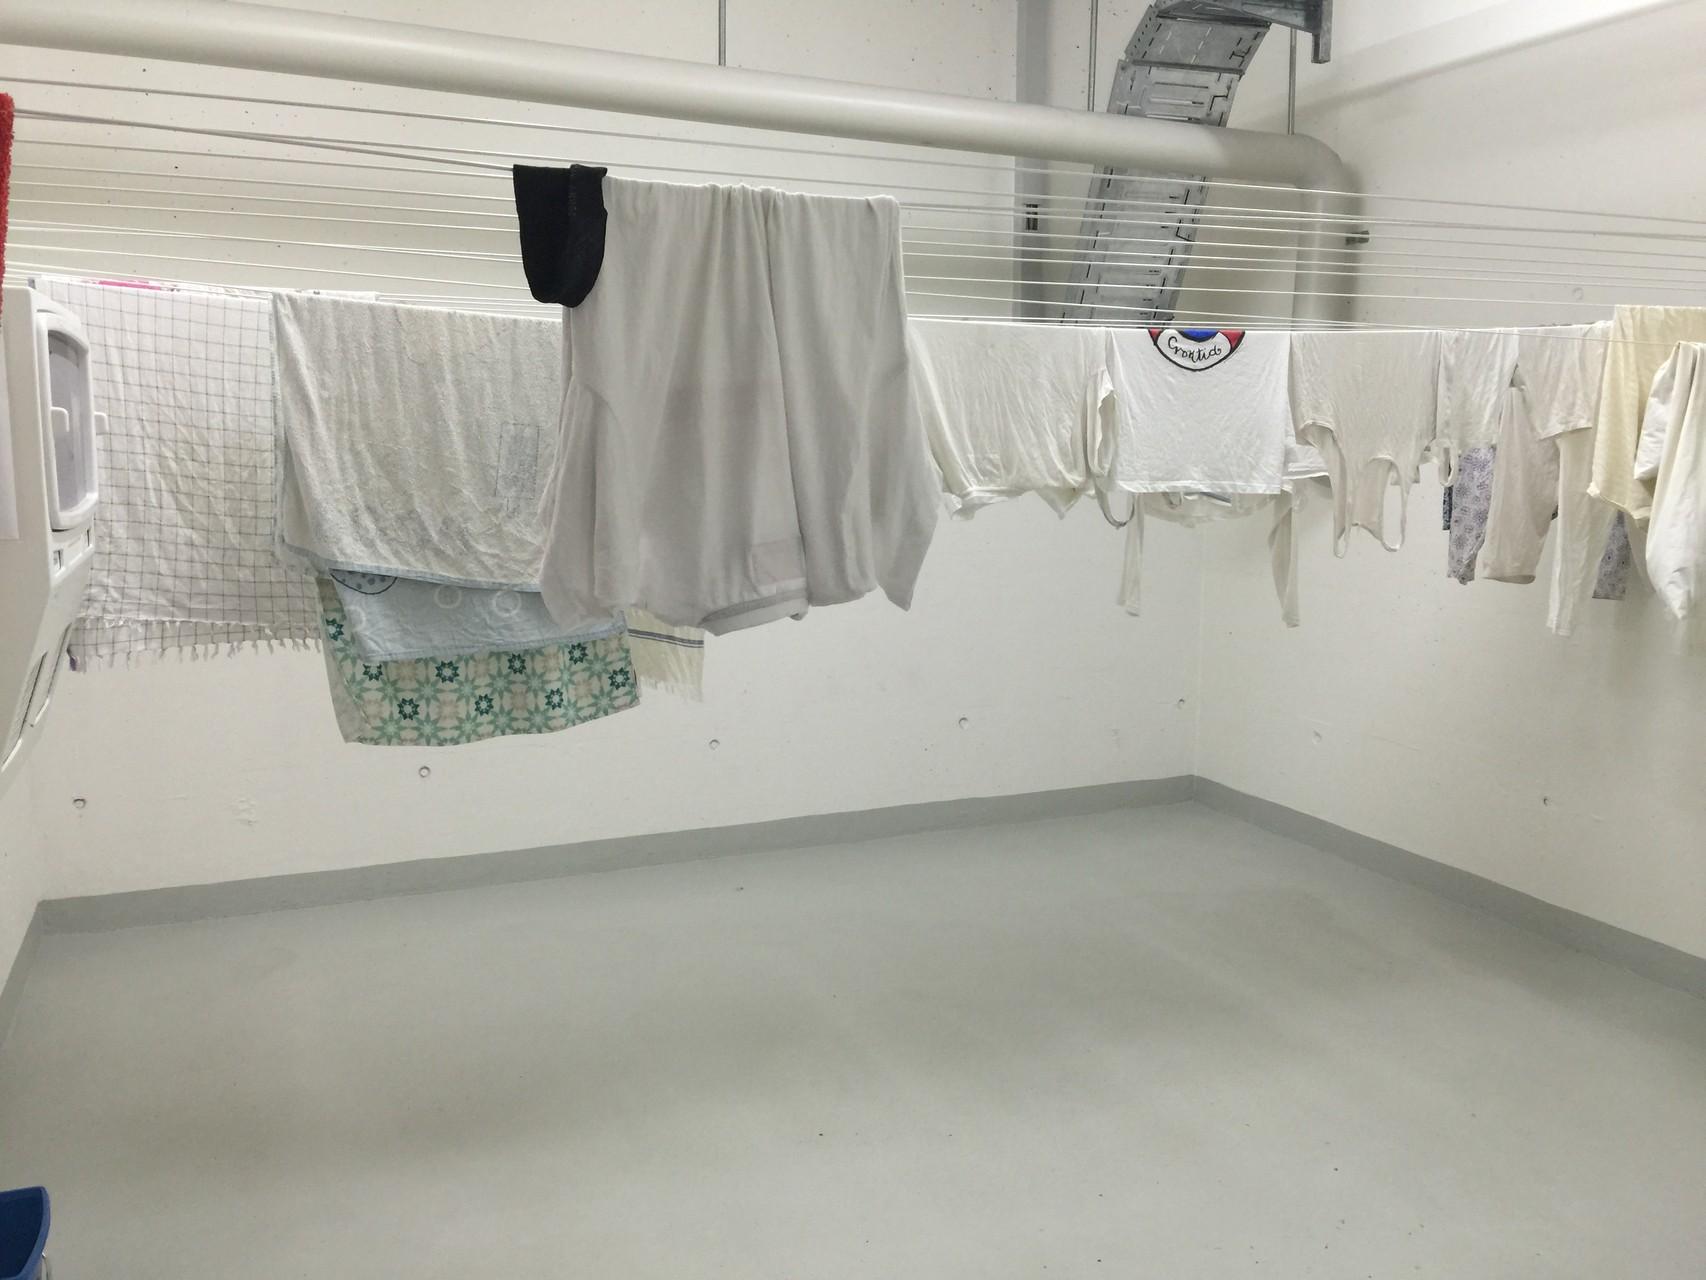 Trockenraum - auf dem Boden liegen jede Menge tote Bettwanzen, die die Wäsche NICHT übrlebt haben.